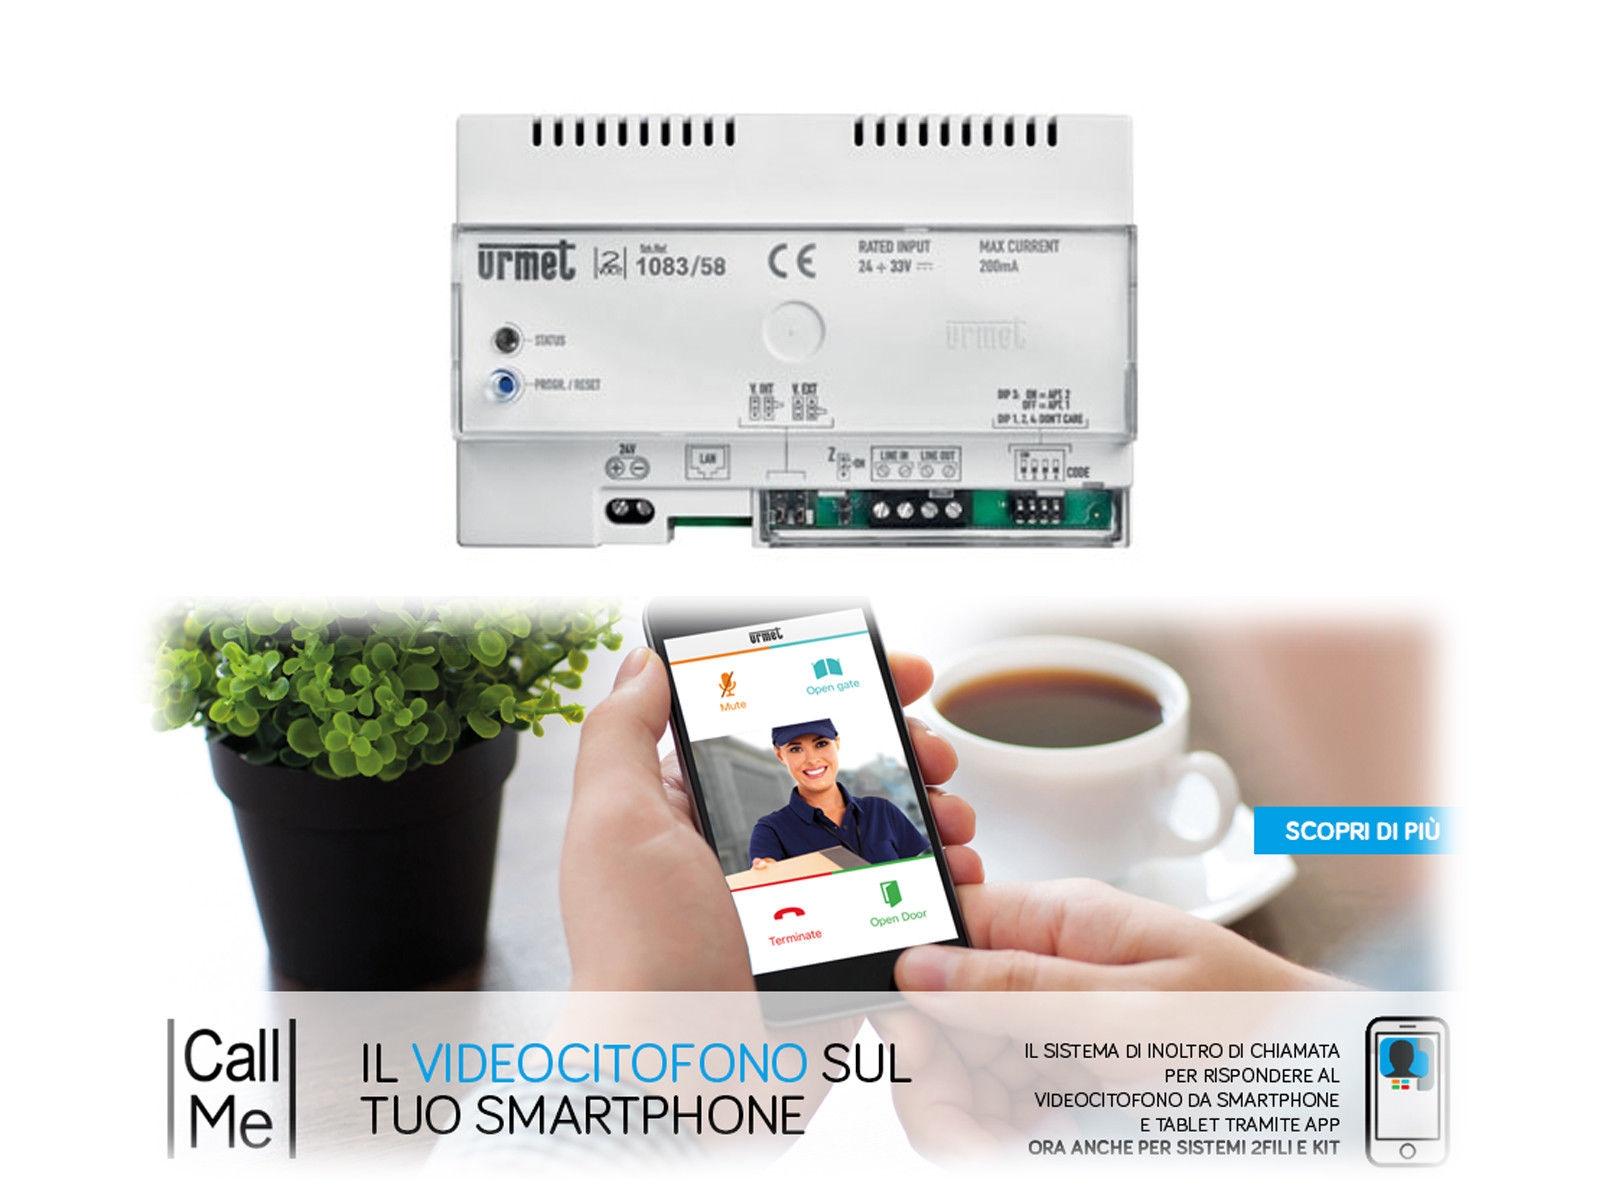 Schema Elettrico Urmet 2 Voice : Dispositivo di chiamata urmet 1083 58 per videocitofono 2 voice